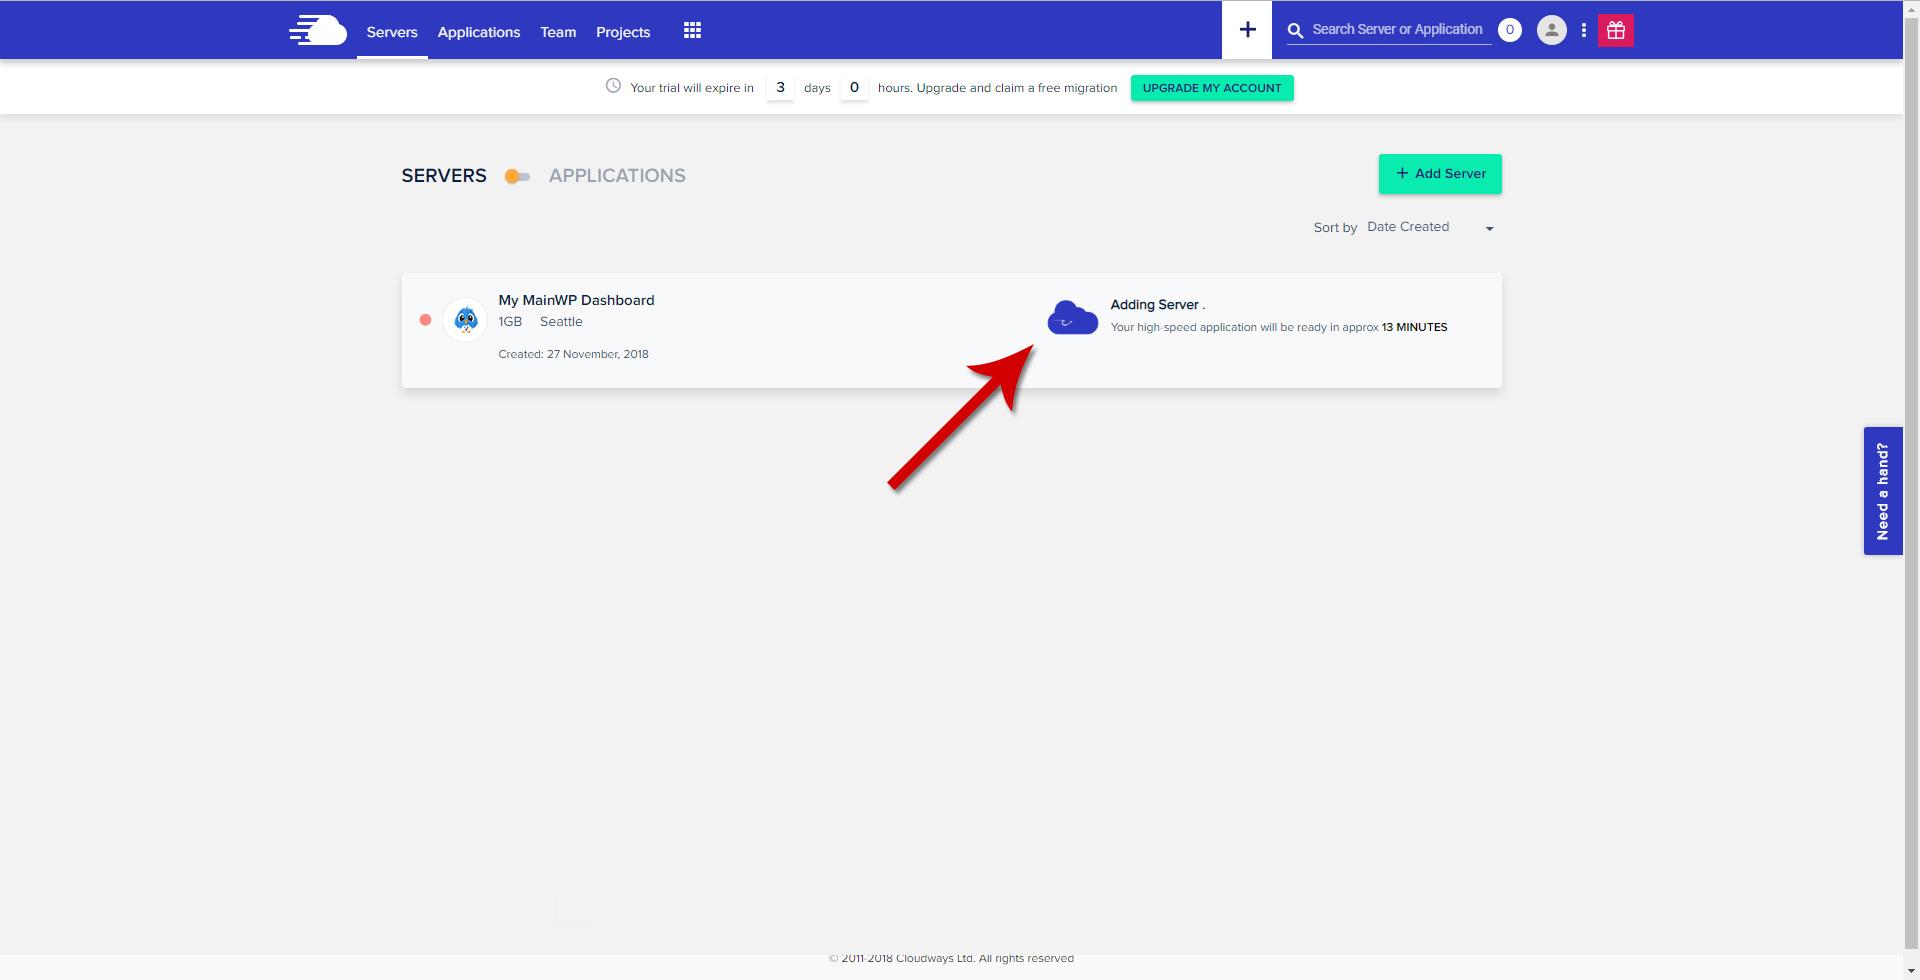 Cloudways - Crating Server